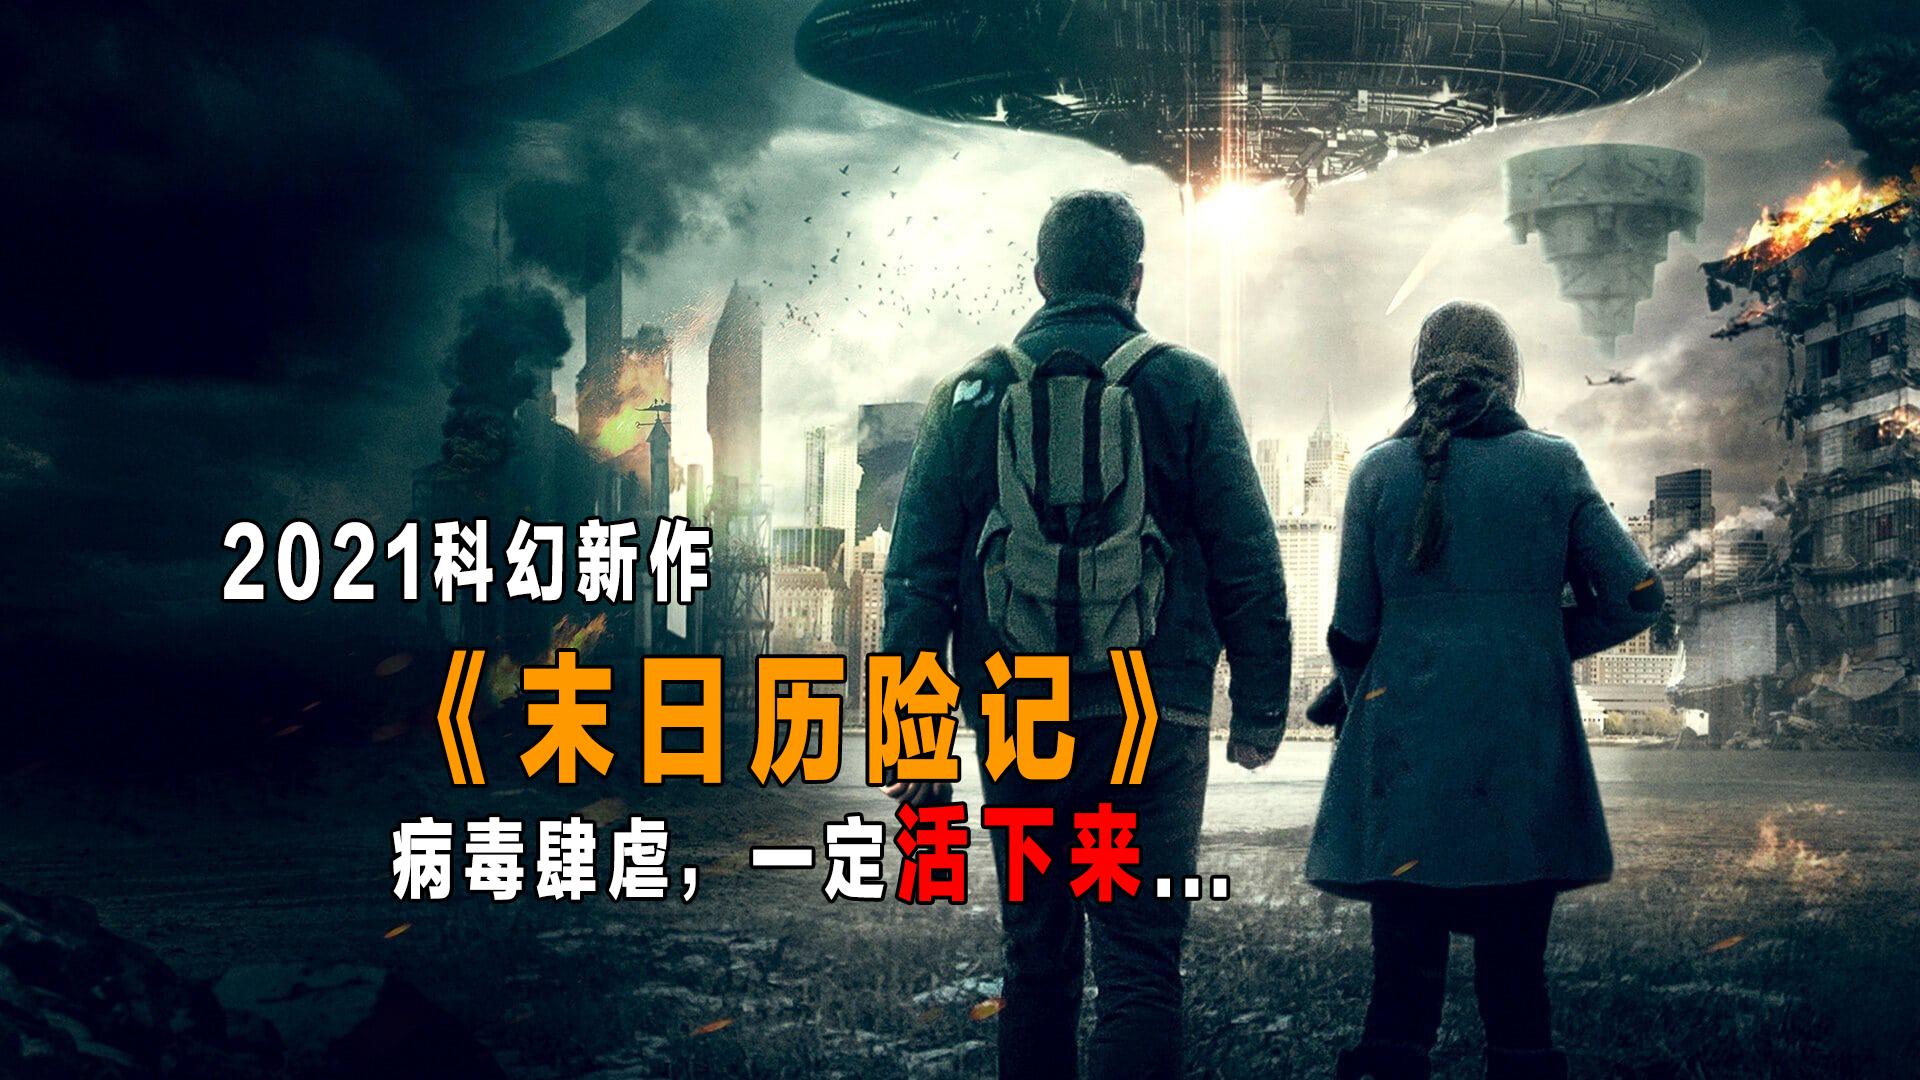 10分看完2021最新灾难科幻《末日历险记》,嗜血怪物称霸城市